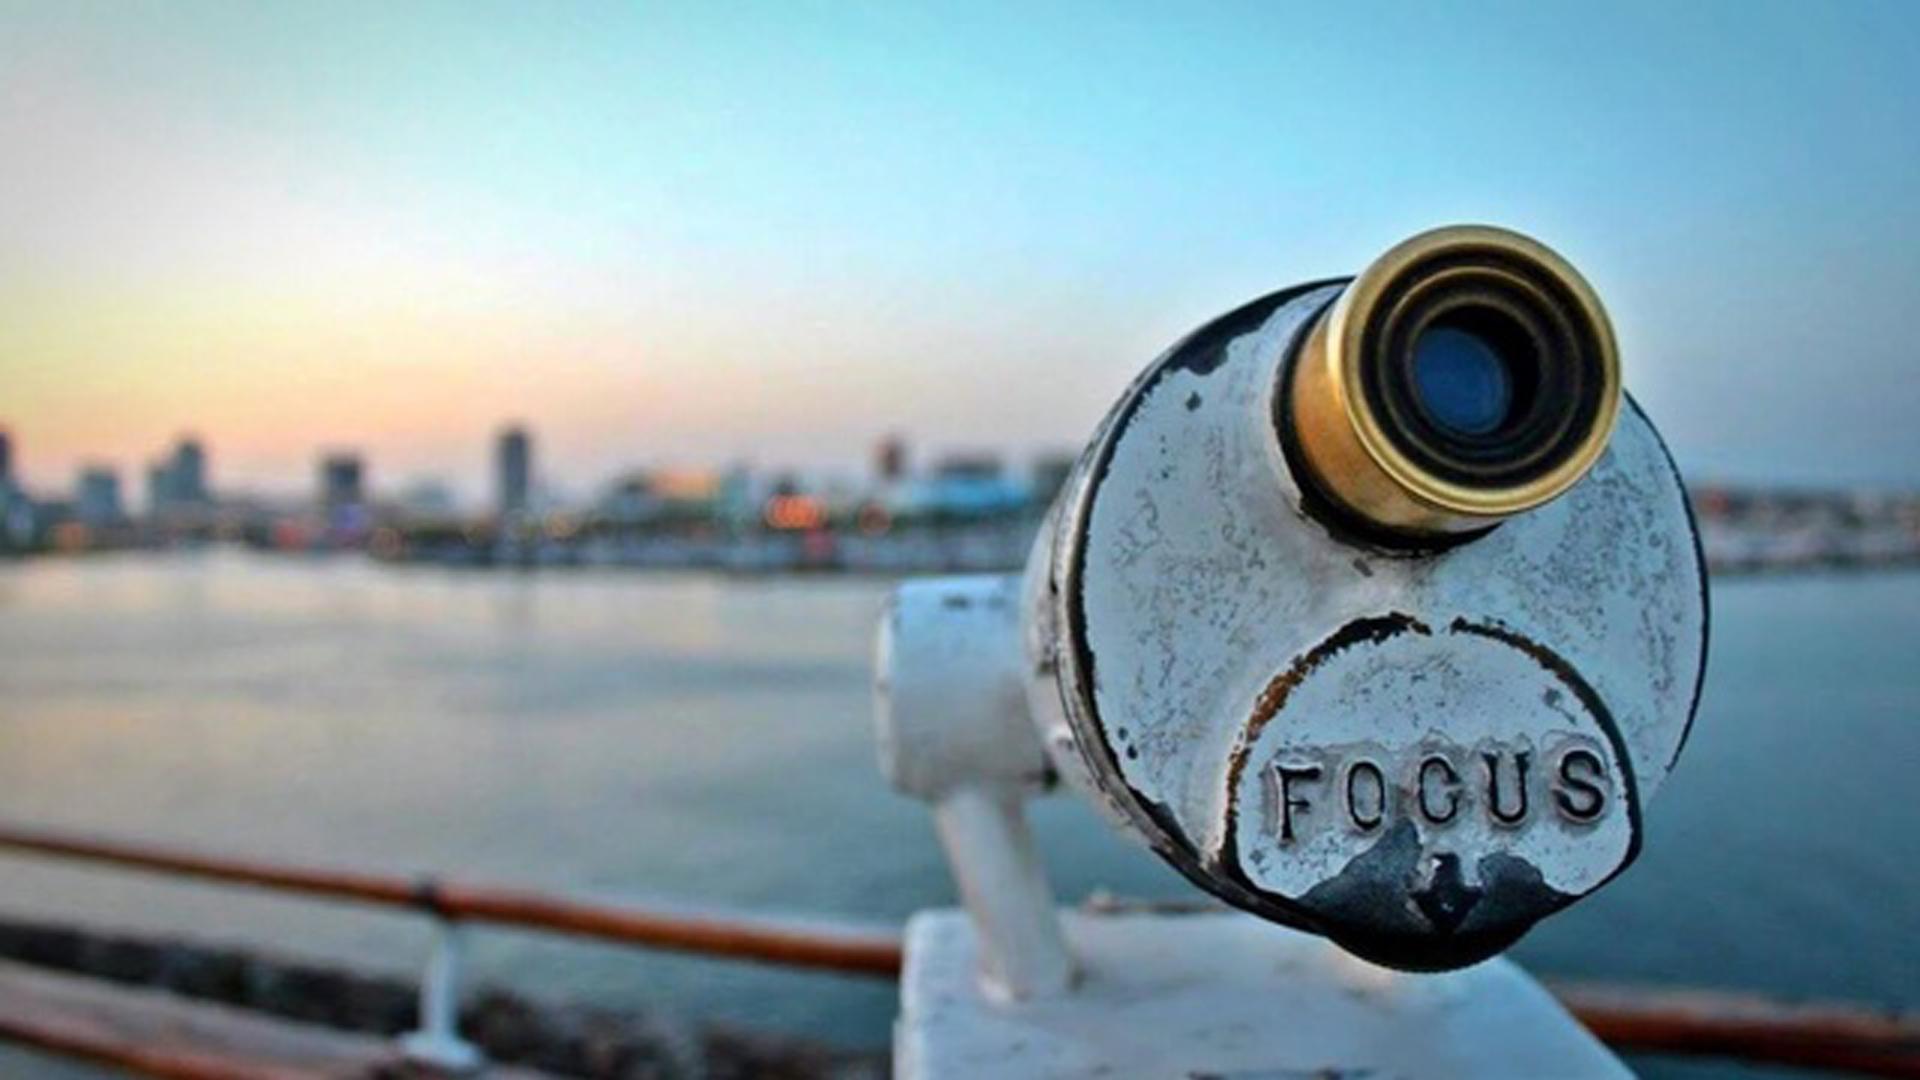 ONE Focus